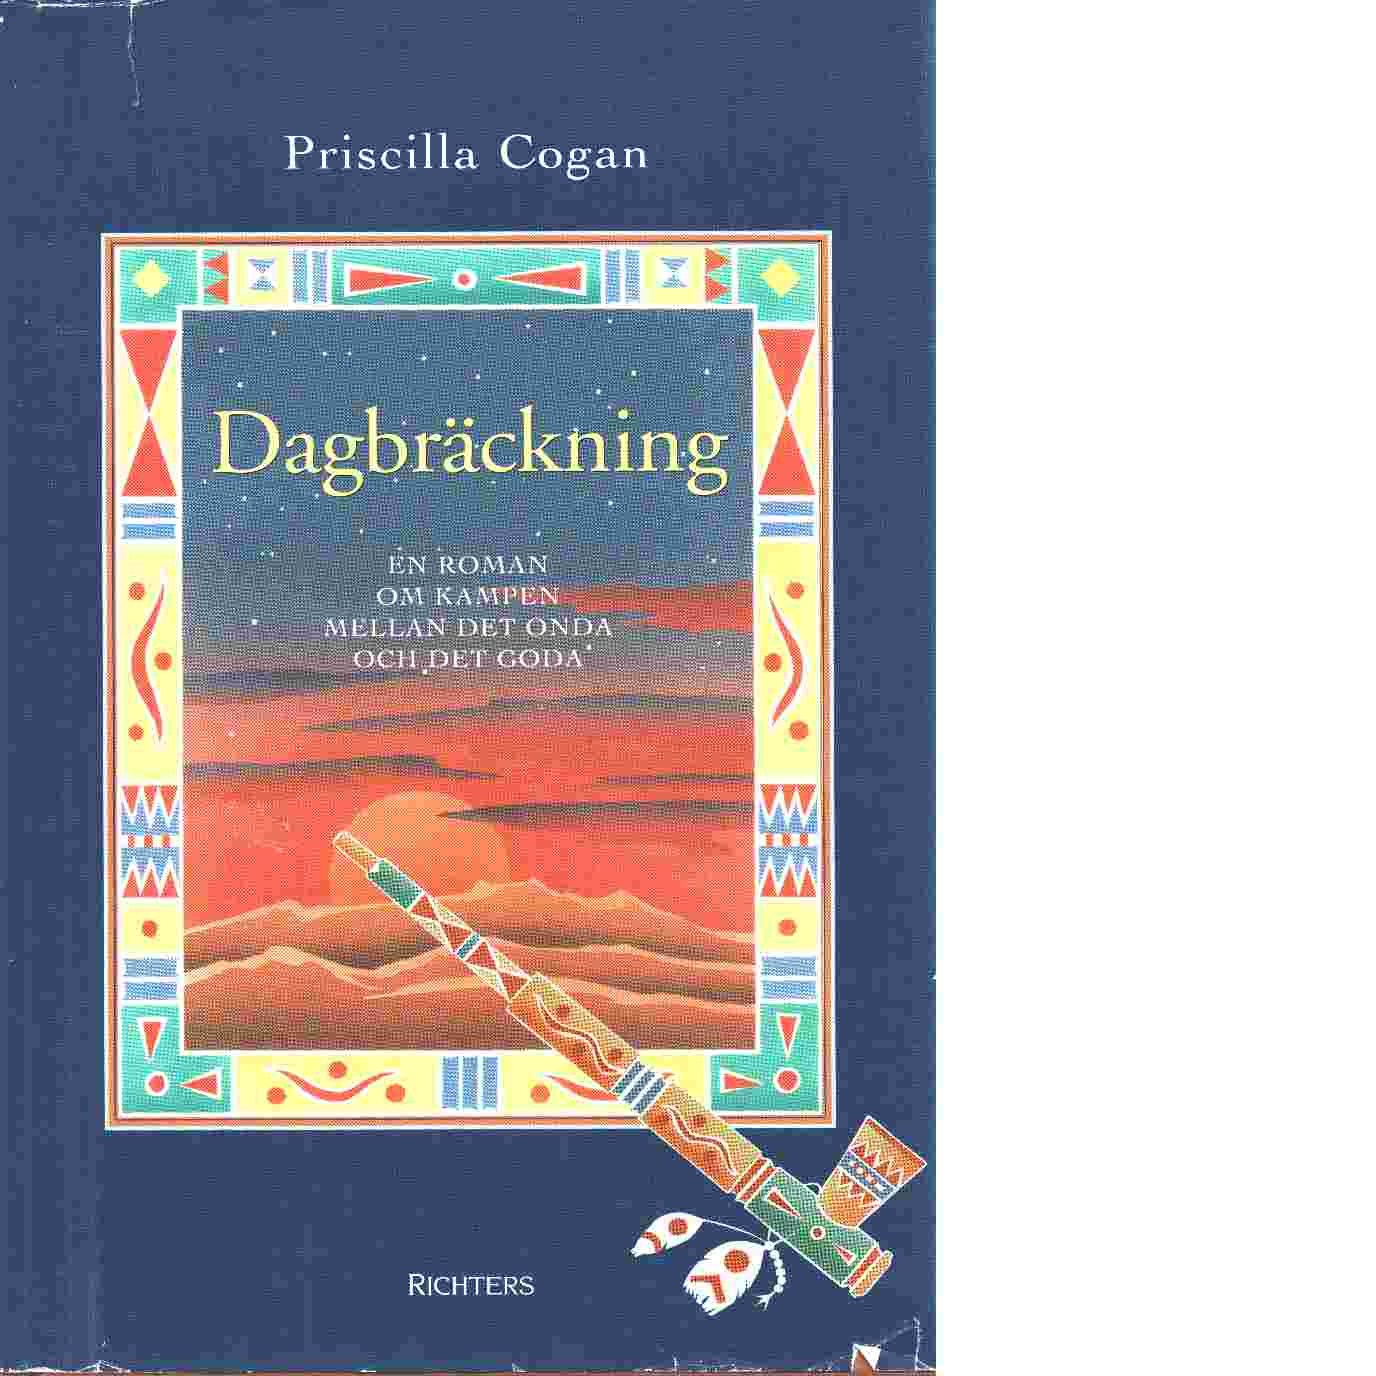 Dagbräckning : en roman om kampen mellan det onda och det goda - Cogan, Priscilla